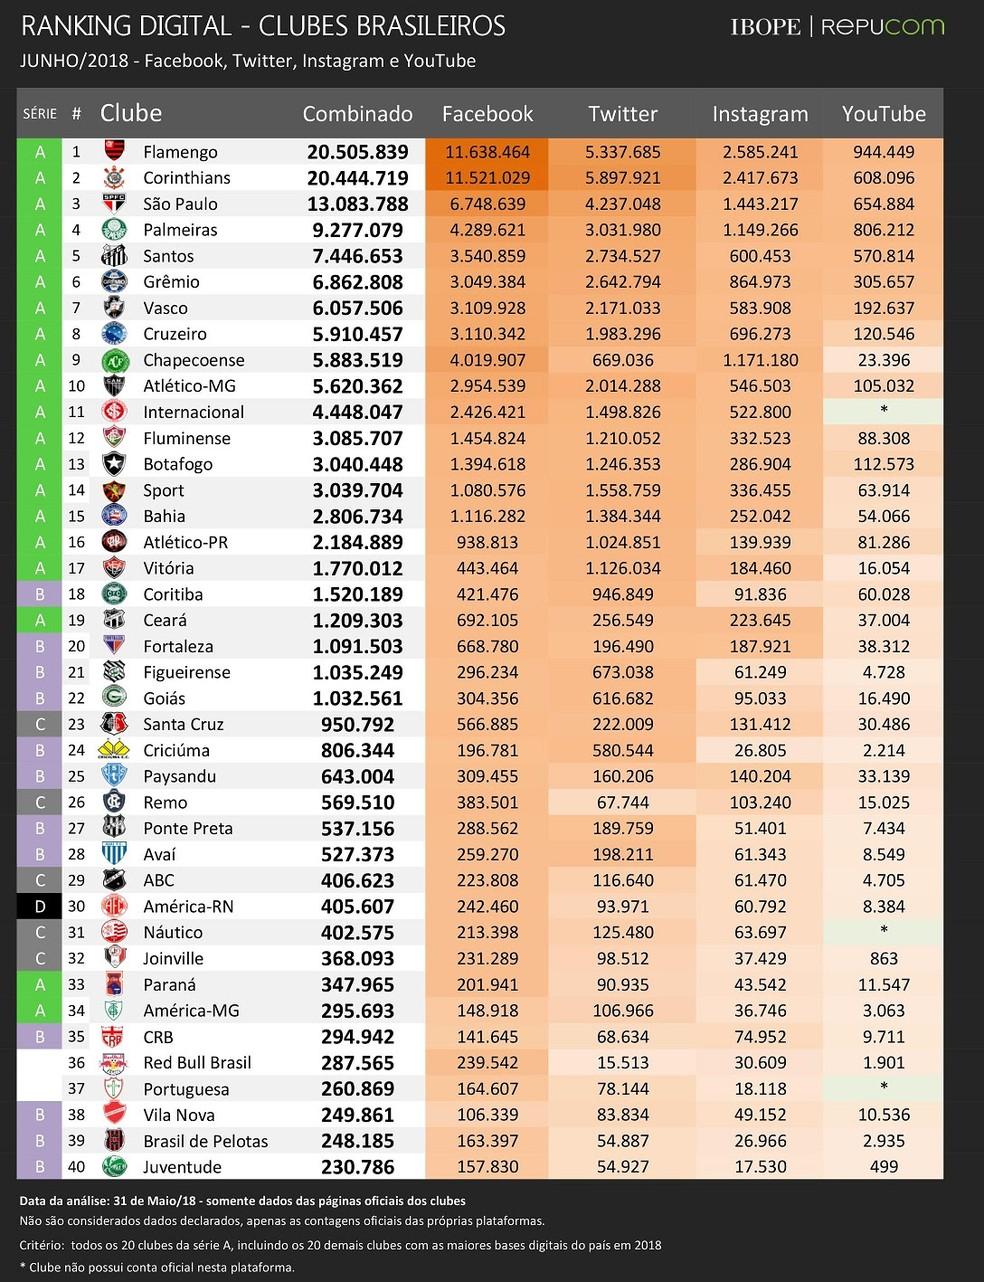 Ranking digital dos clubes brasileiros de junho/2018 (Foto: Divulgação IBOPE Repucom)